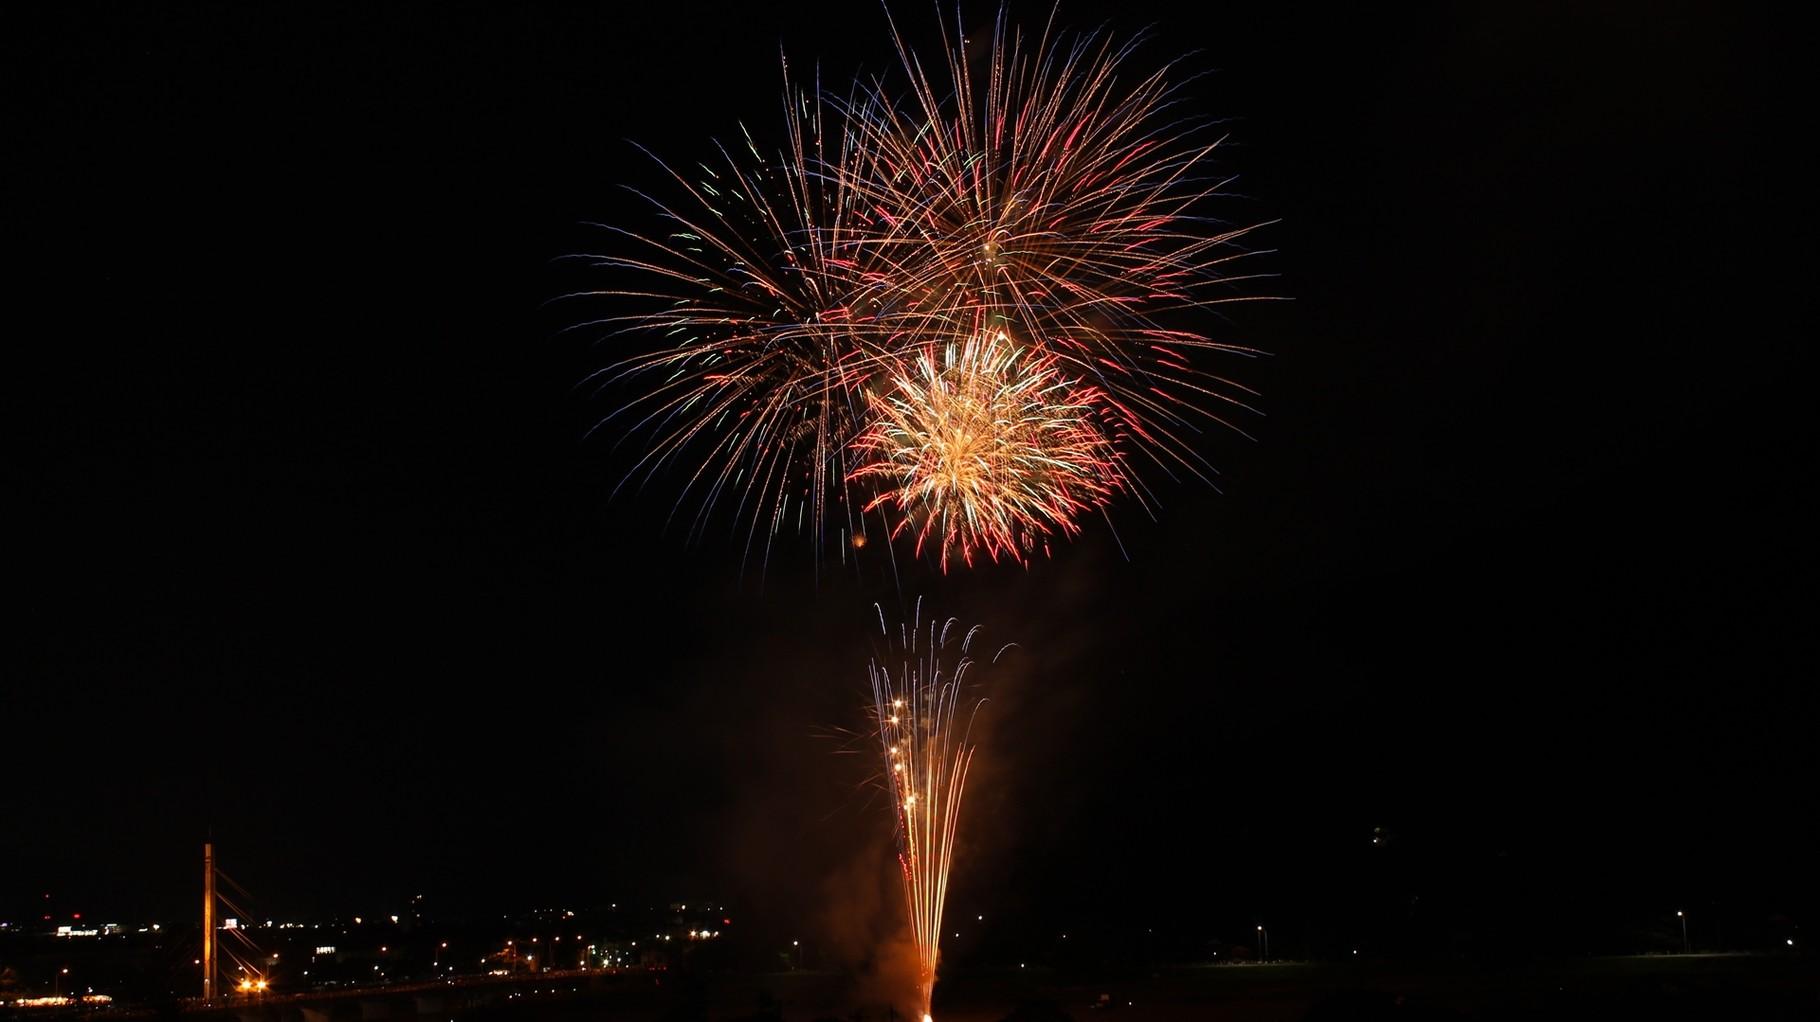 (夏) 住宅近くの日野川緑地公園で上がるダイナミックな花火(越前市サマーフェスティバル)